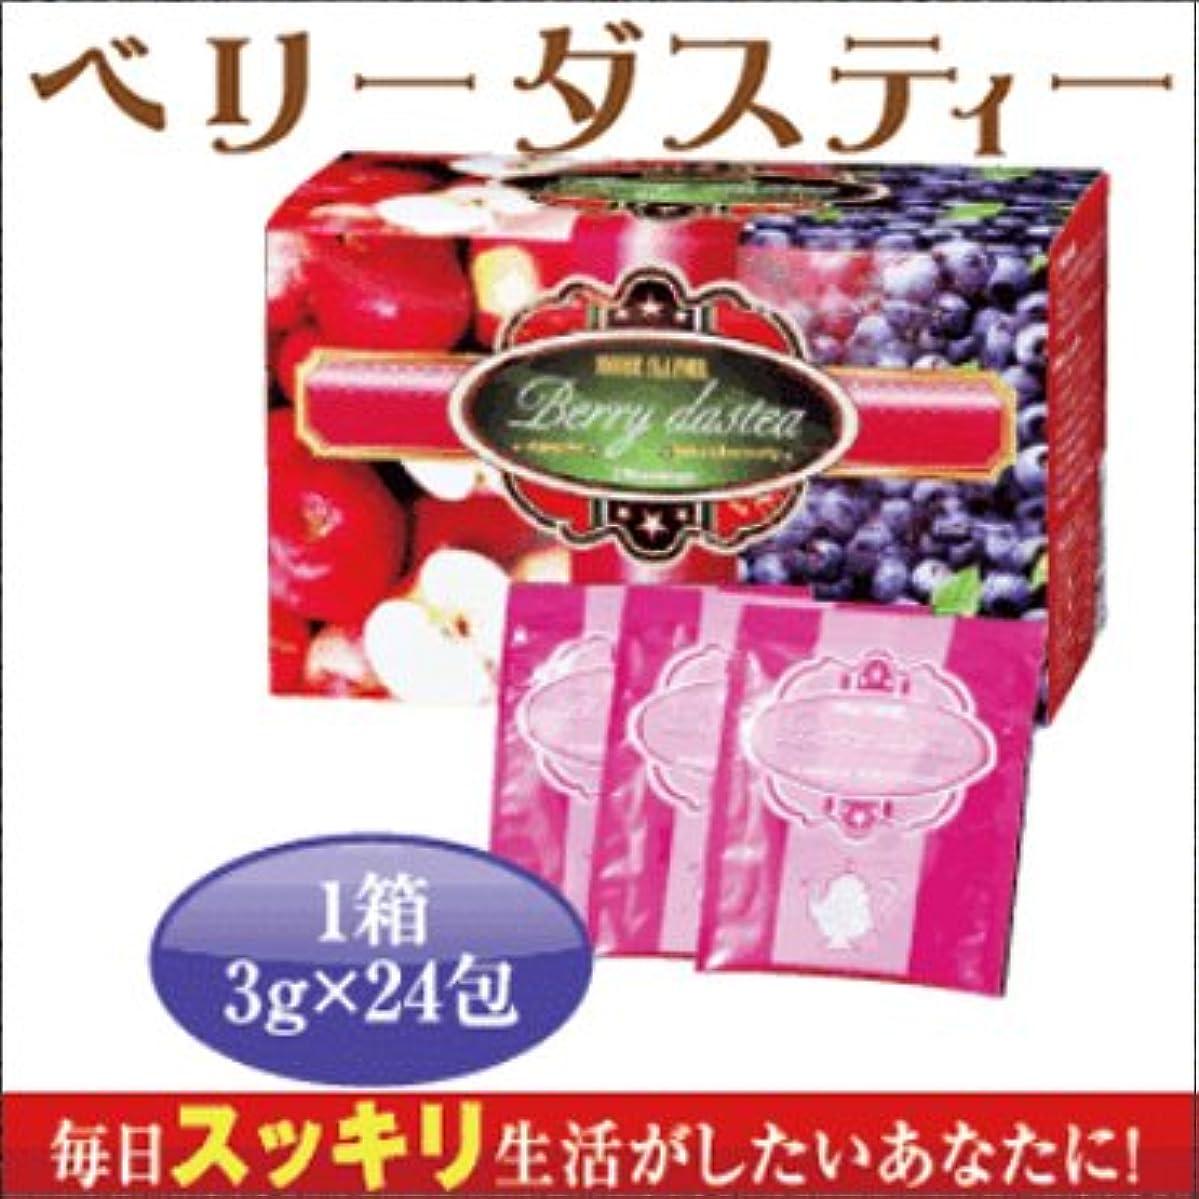 【ケン?ネット】ベリーダスティー 3g×24包